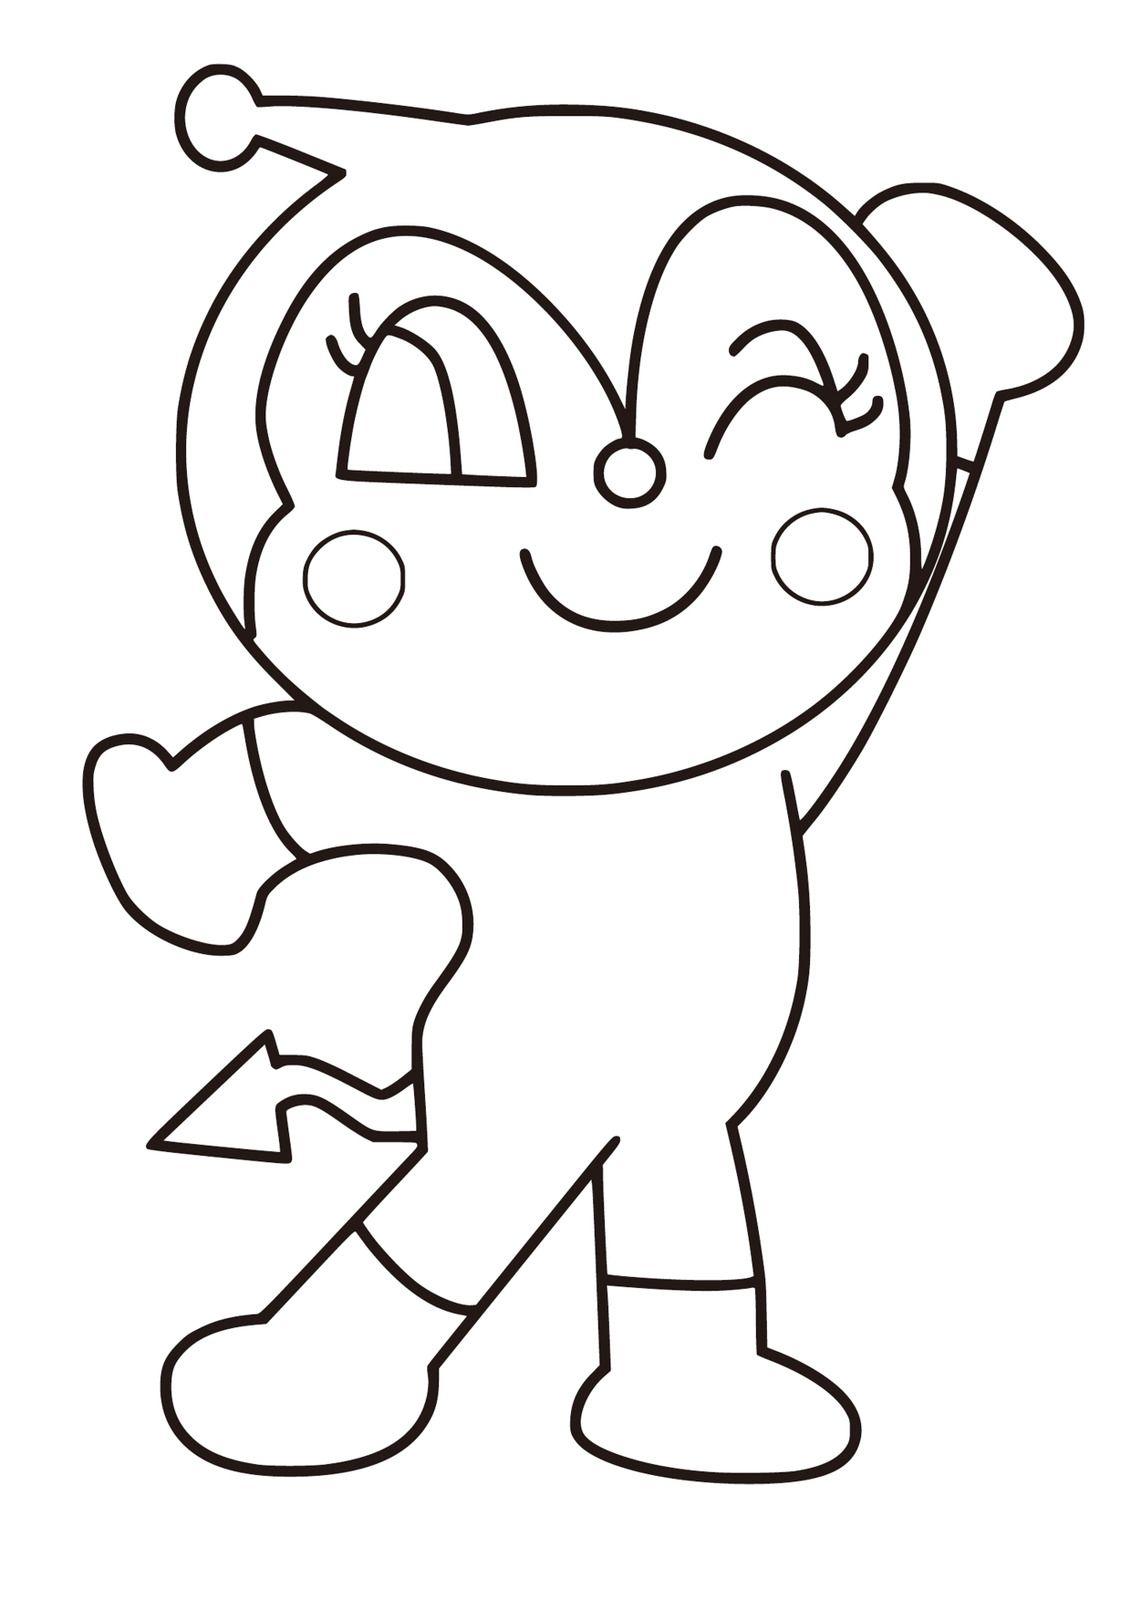 無料の印刷用ぬりえページ 印刷可能 ドキンちゃん ぬりえ Coloring Pages For Kids Mario Characters Prints